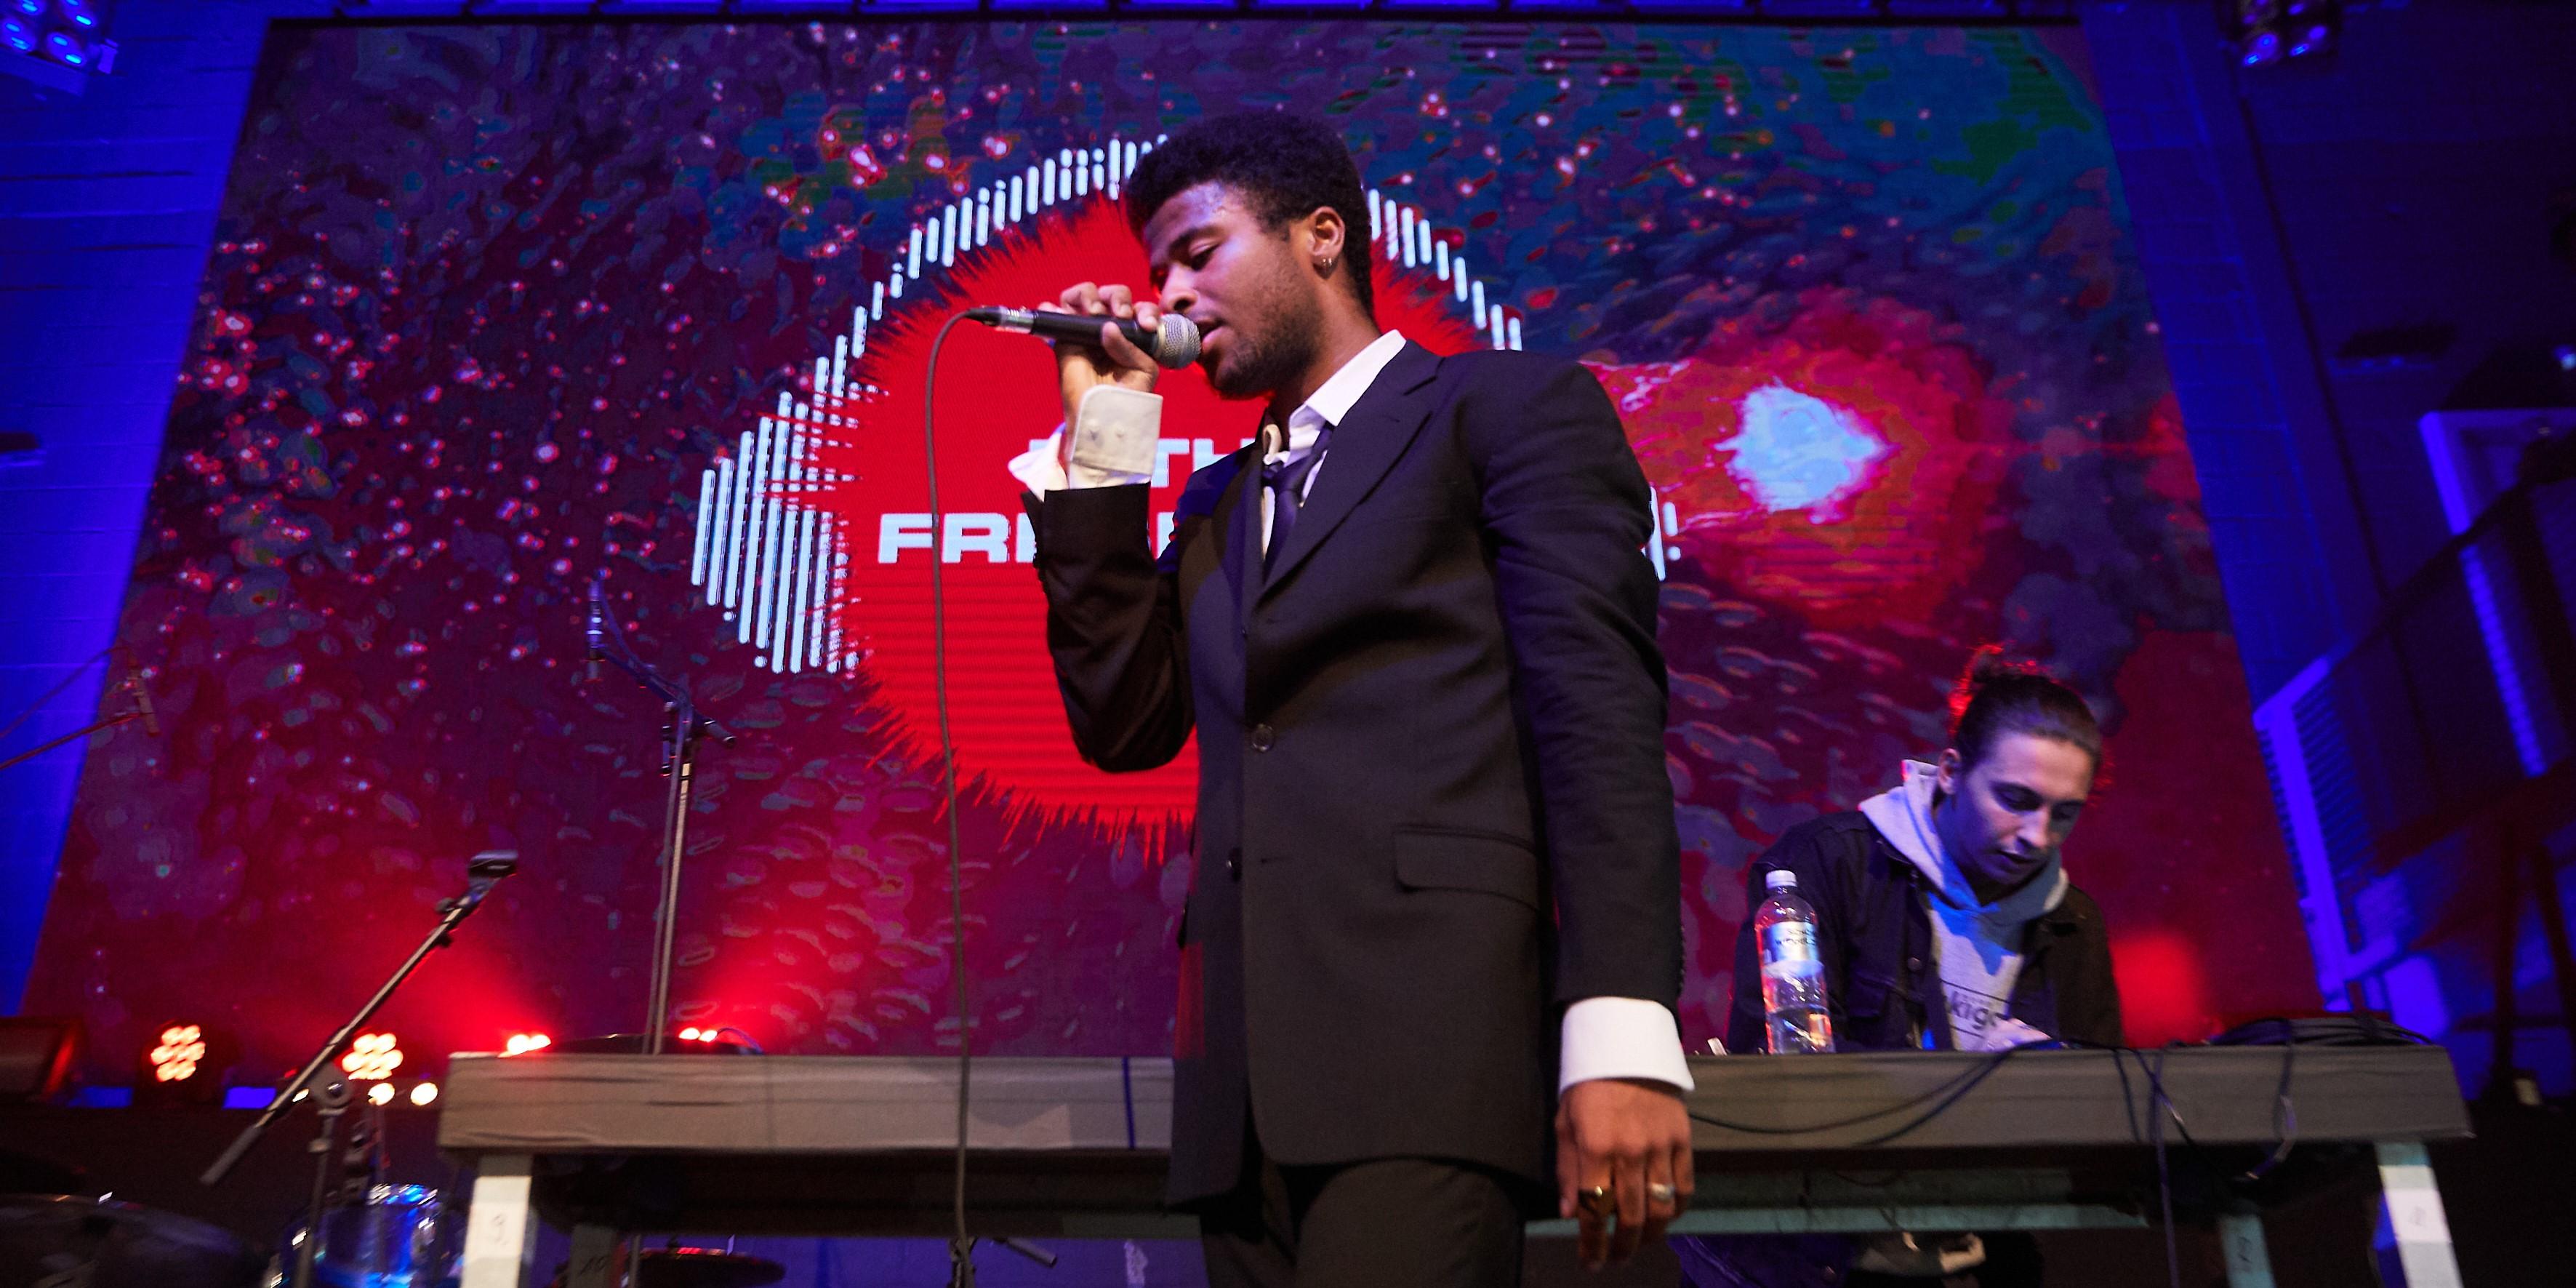 DAENS gewinnt und der Rap-Newcomer z The Freshman sichert sich den zweiten Platz